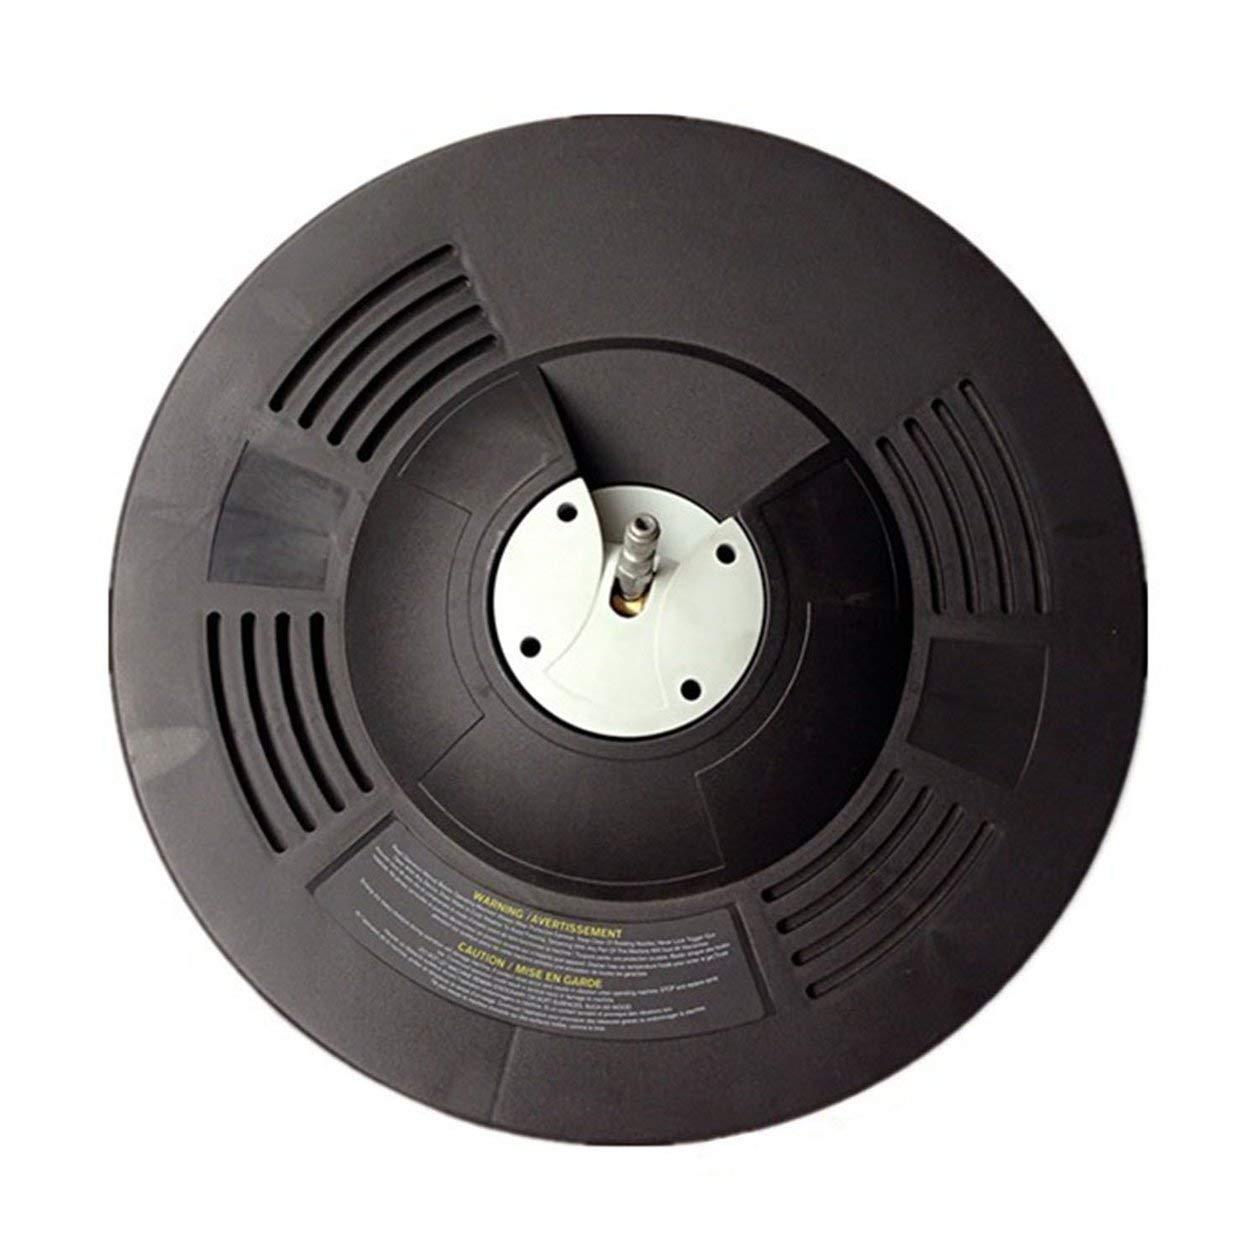 Heraihe-15-Zoll-Flacher-Rotationsreiniger-Universal-Reinigungsbrste-fr-Hochdruckreiniger-Professionelles-Reinigungswerkzeug